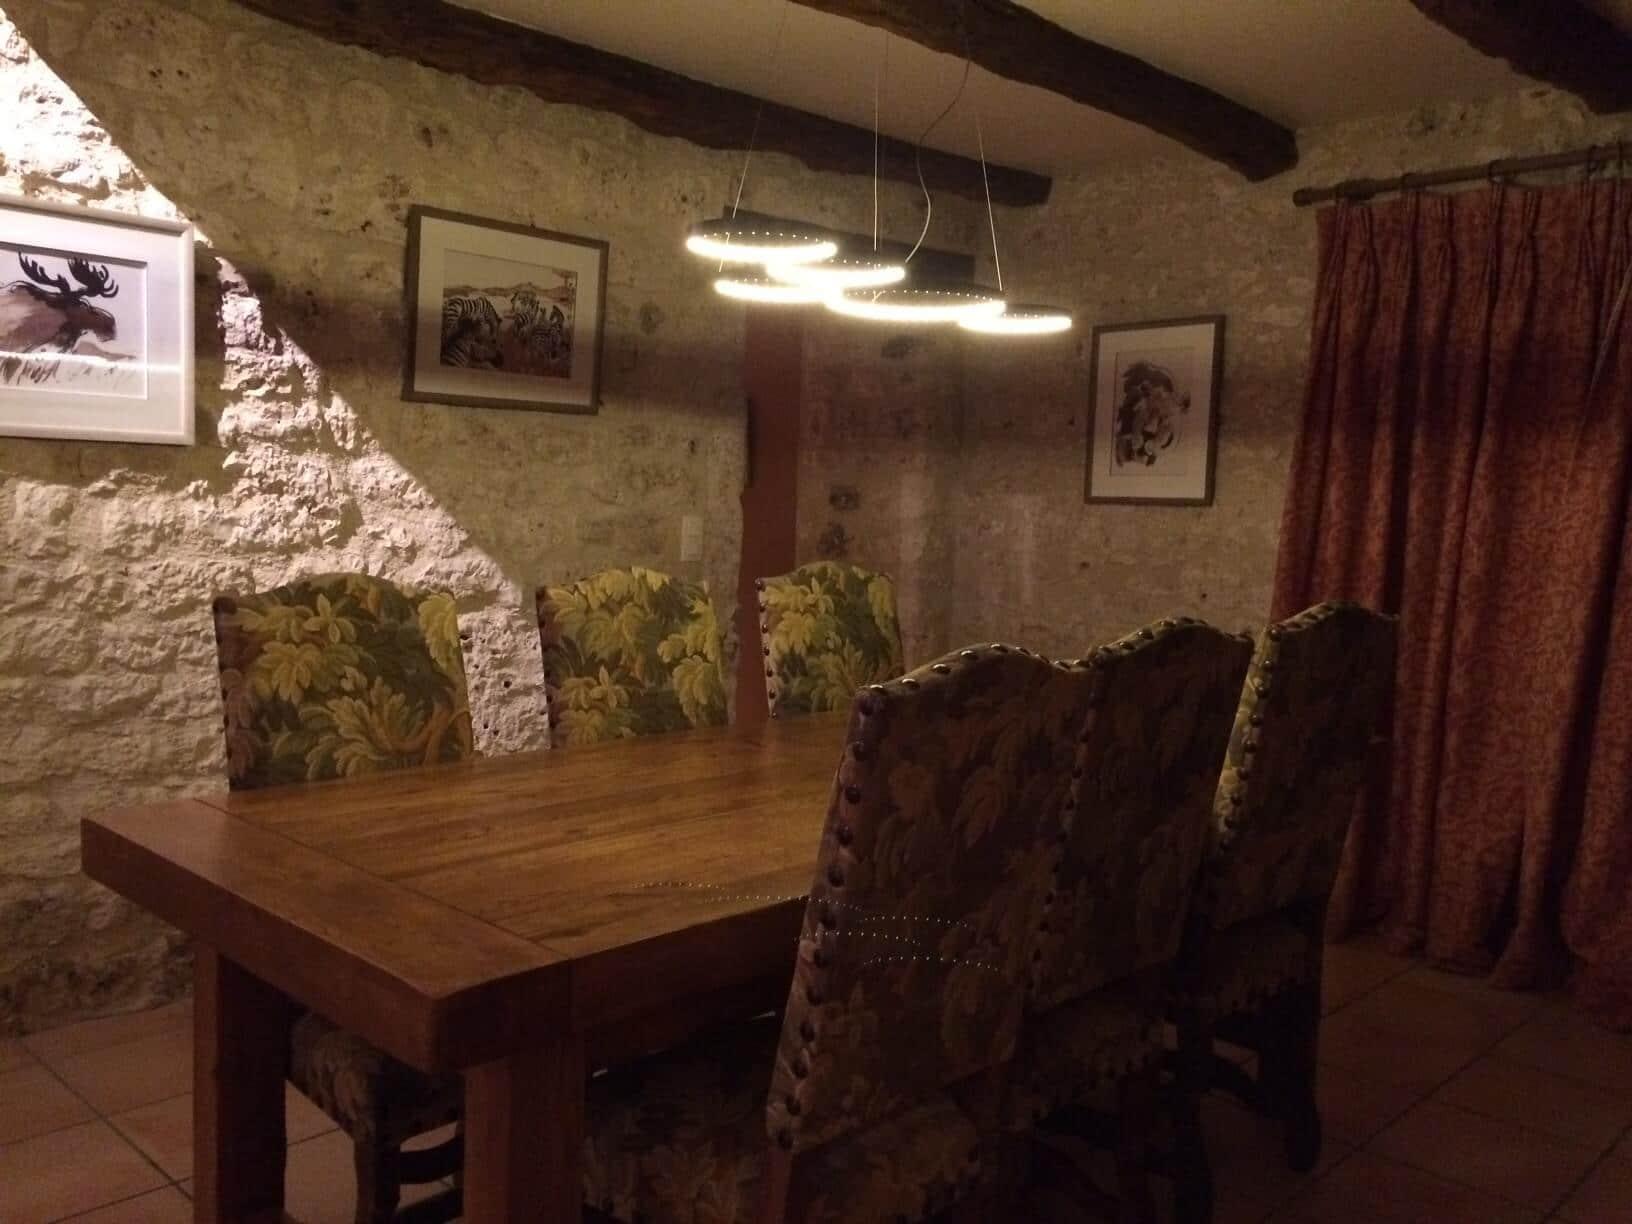 Super 8 - Ledeun - Bourgogne - Famille V - Et La Lumiere